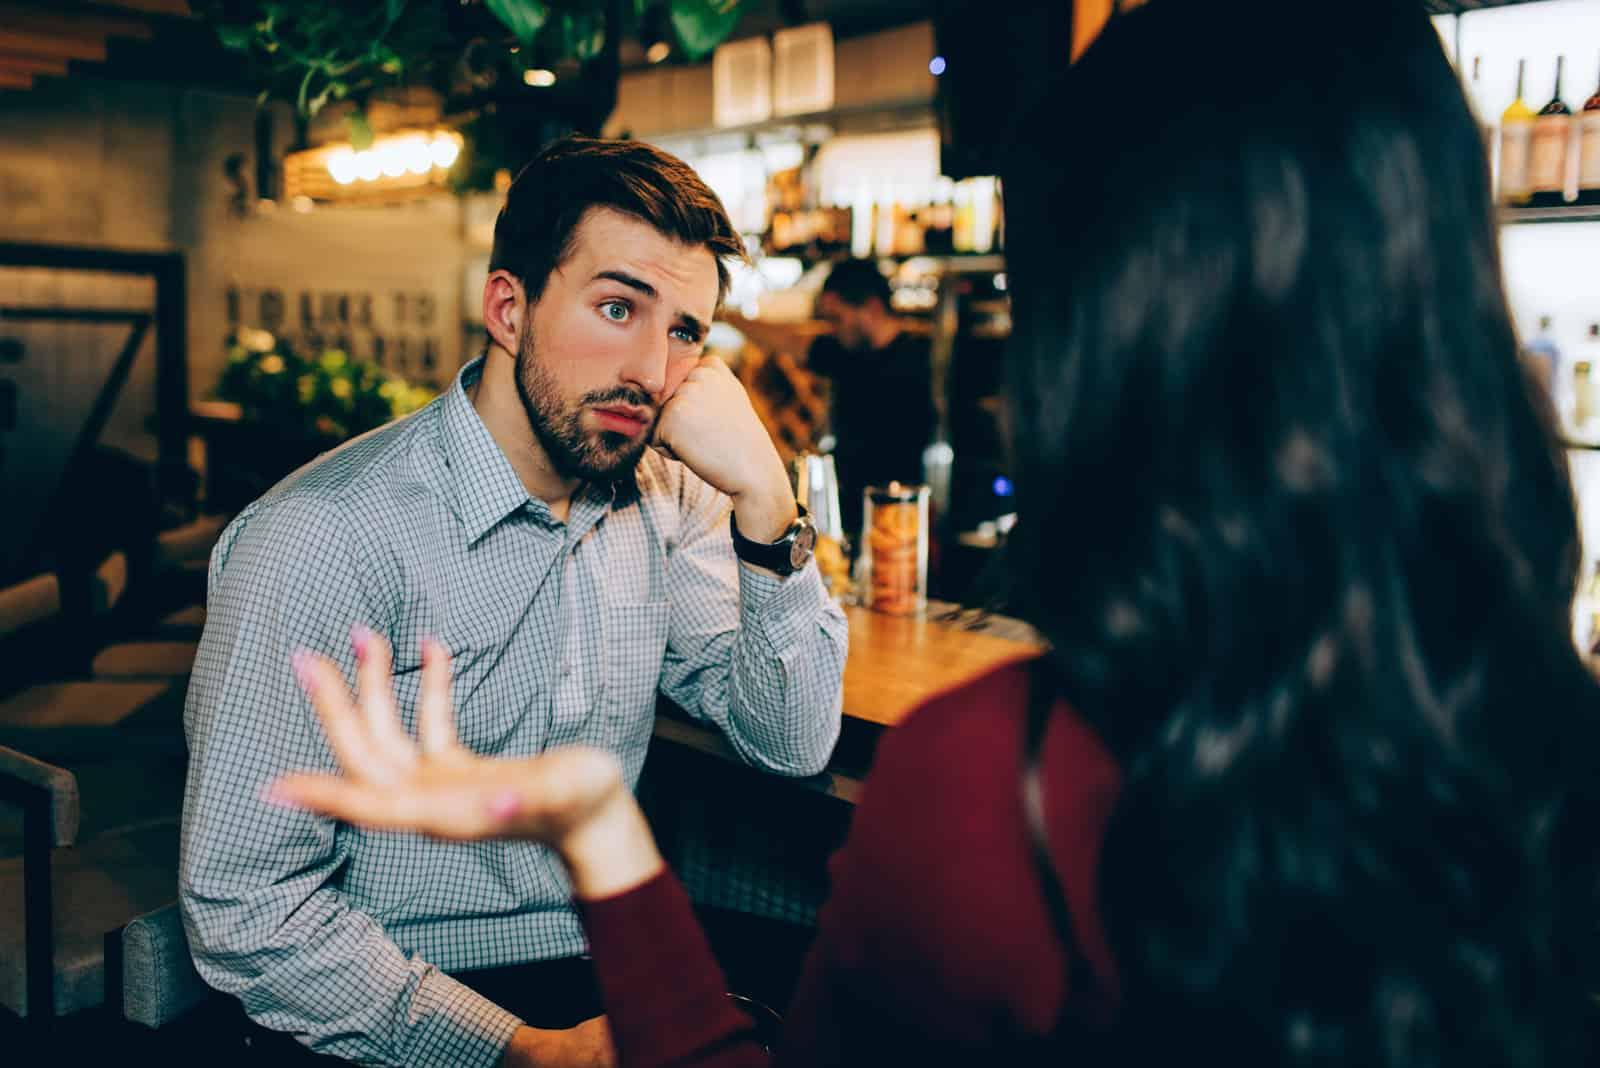 un homme et une femme se disputent dans un café